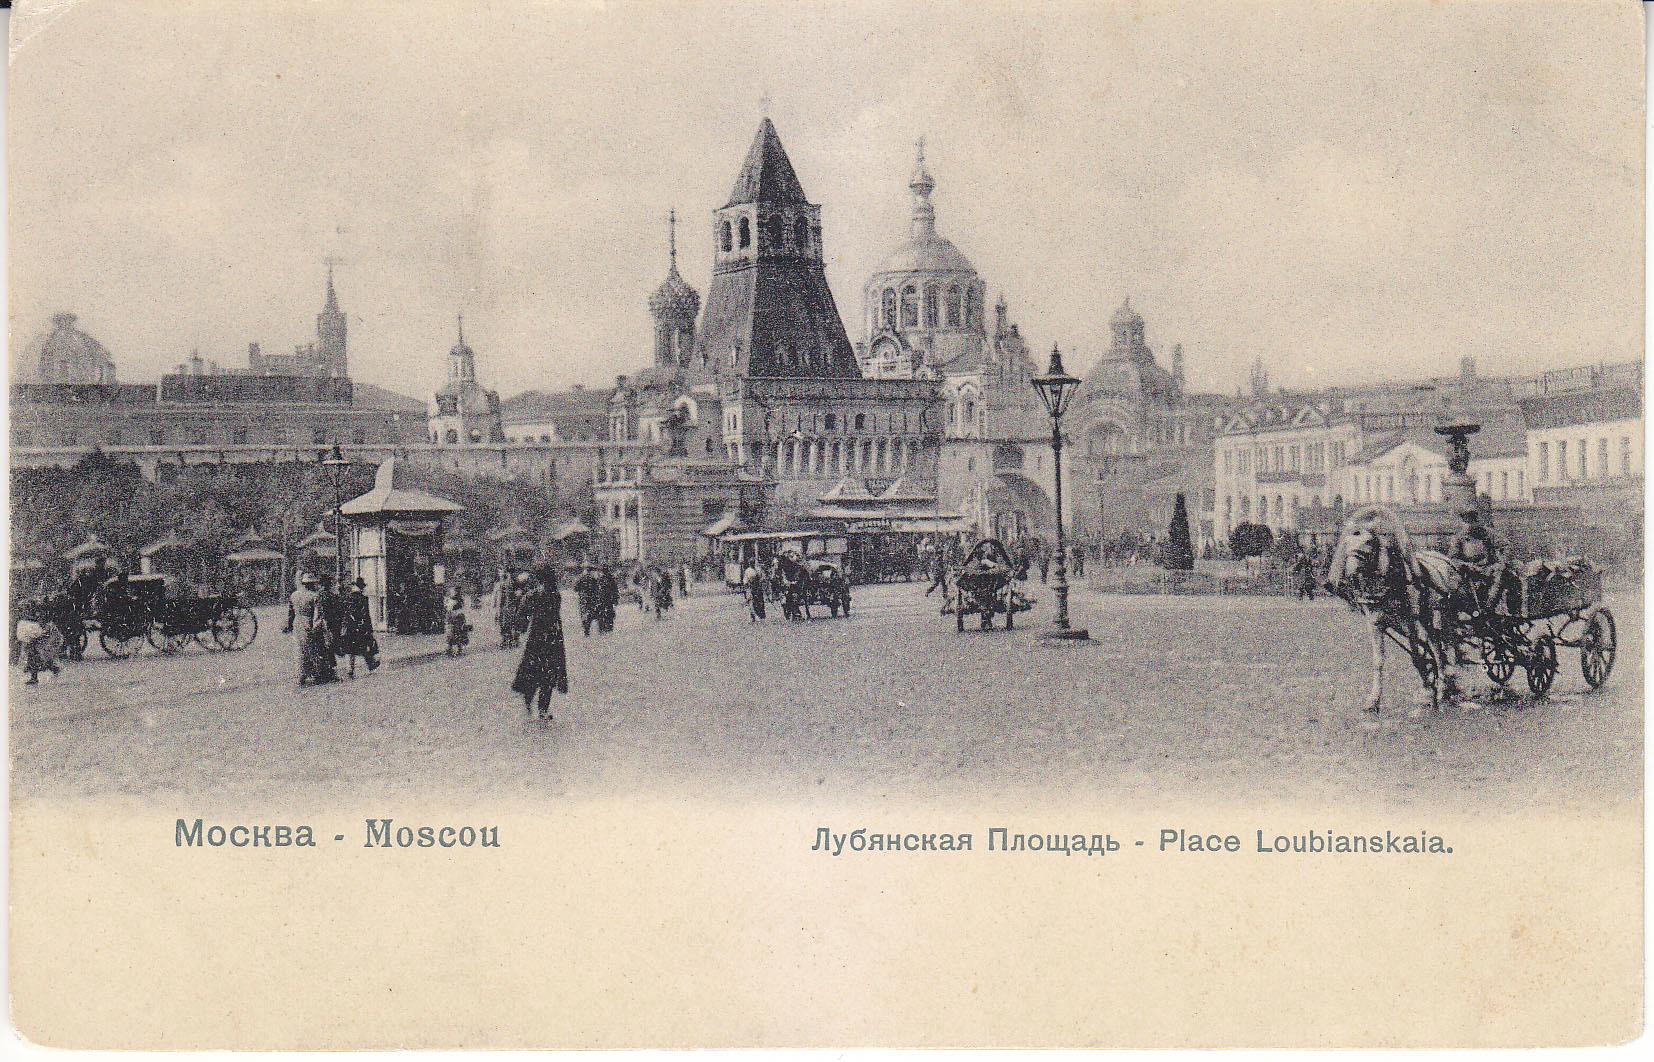 Лубянская площадь4